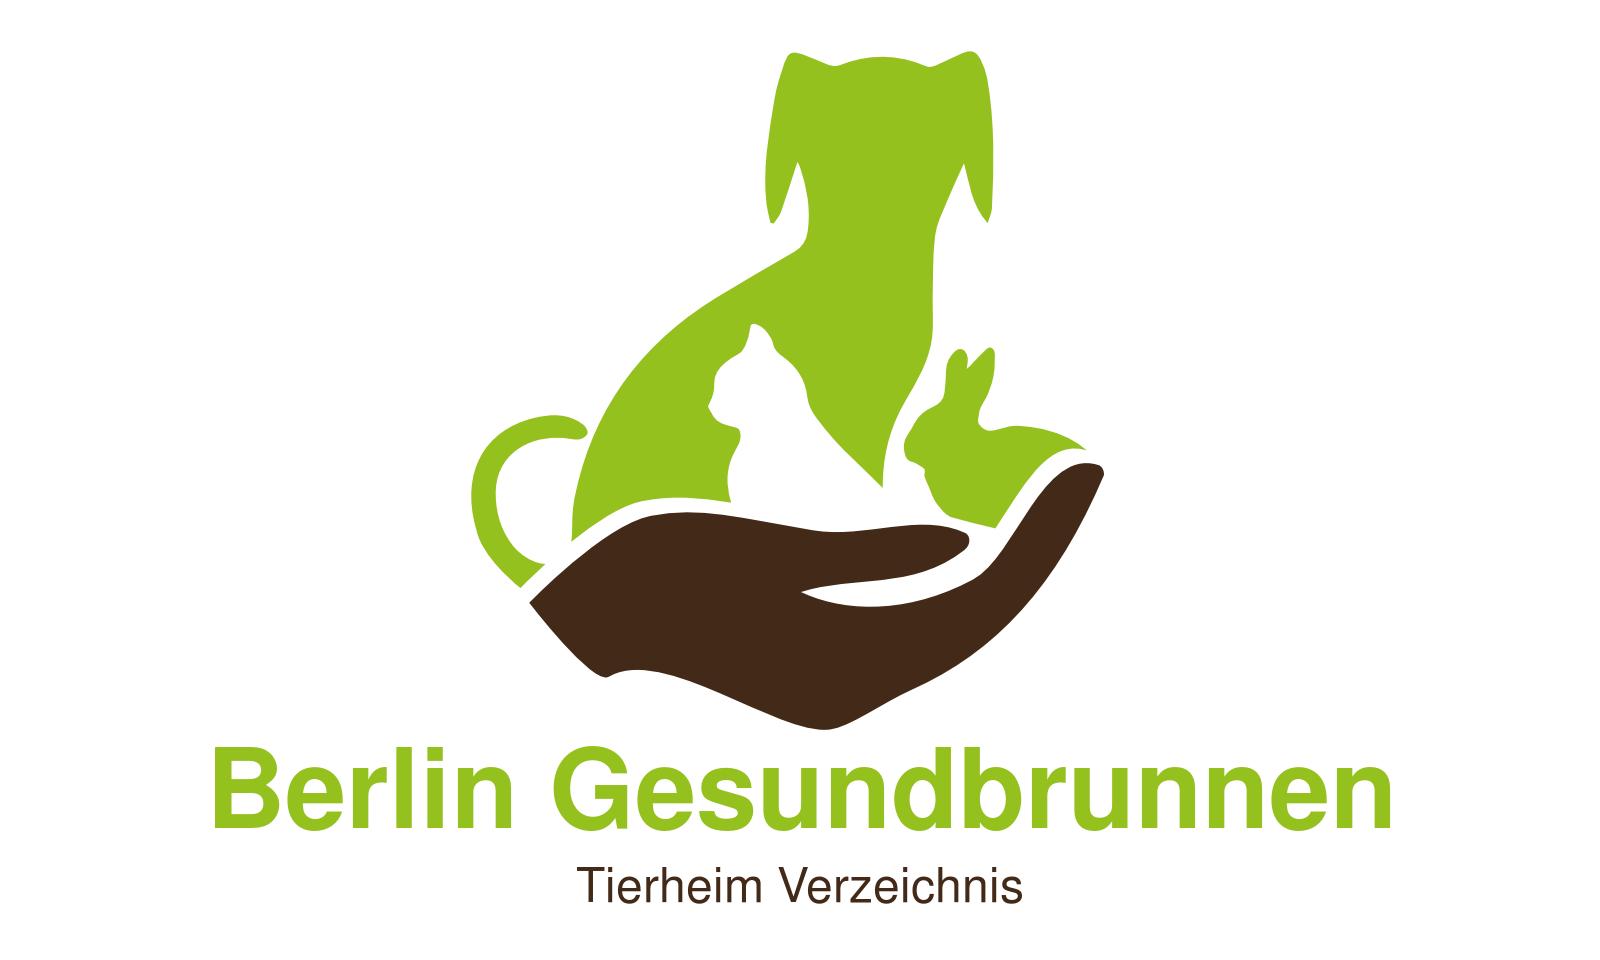 Tierheim Berlin Gesundbrunnen